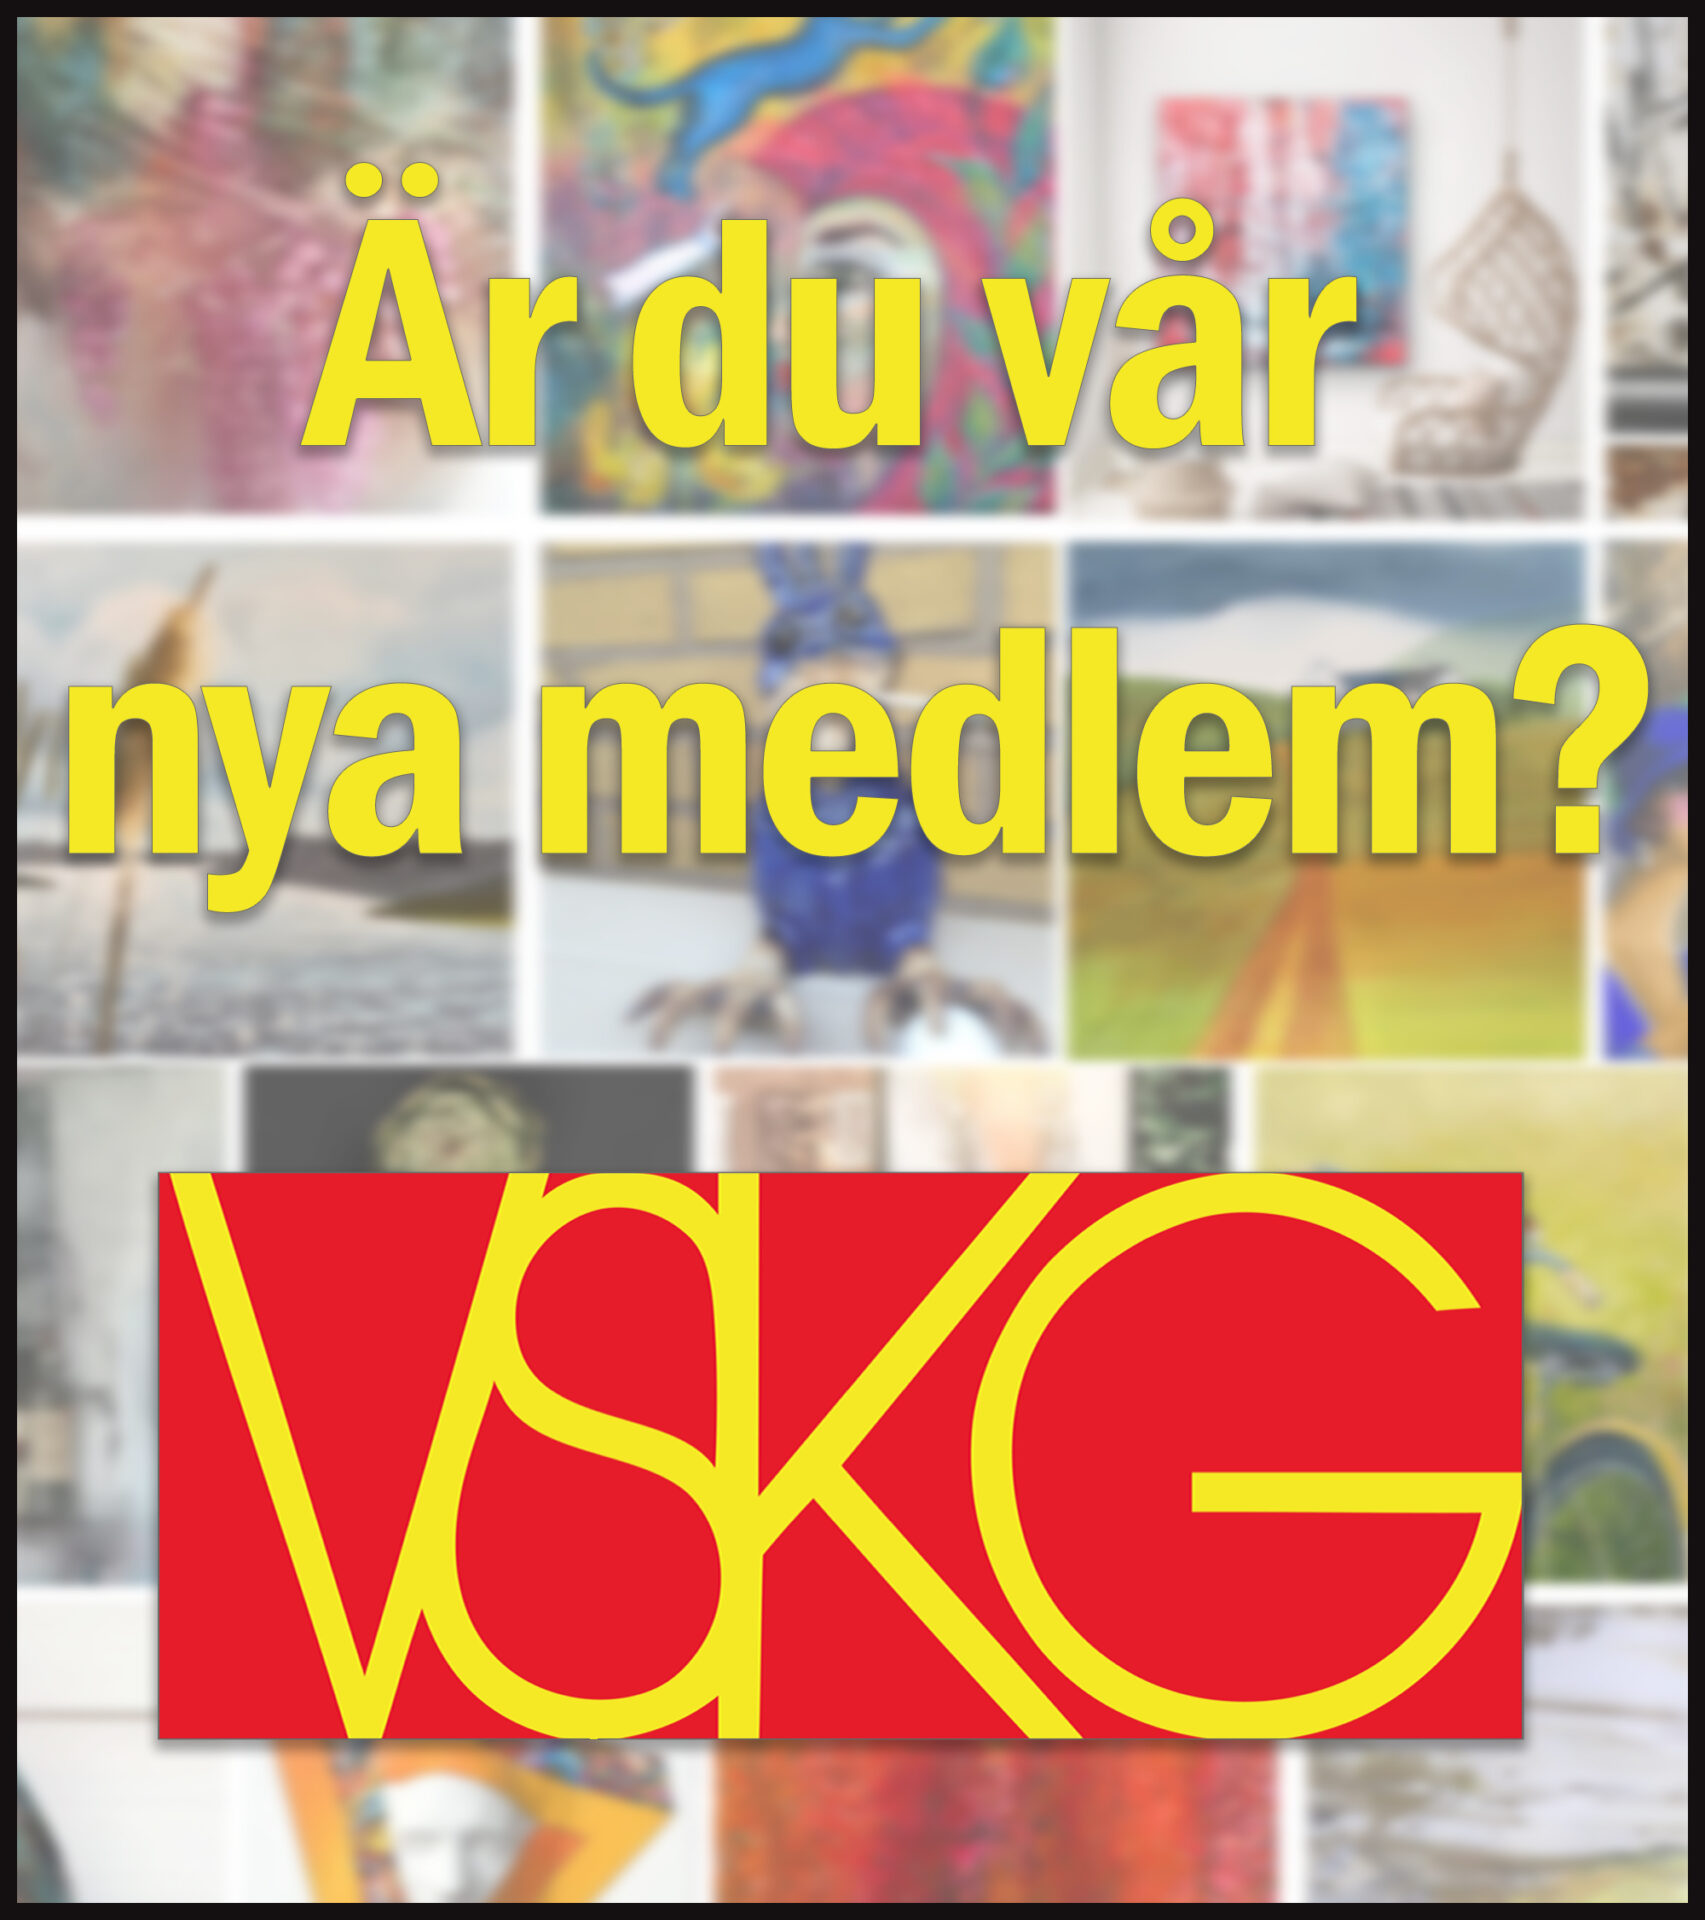 Bli medlem i VSKG